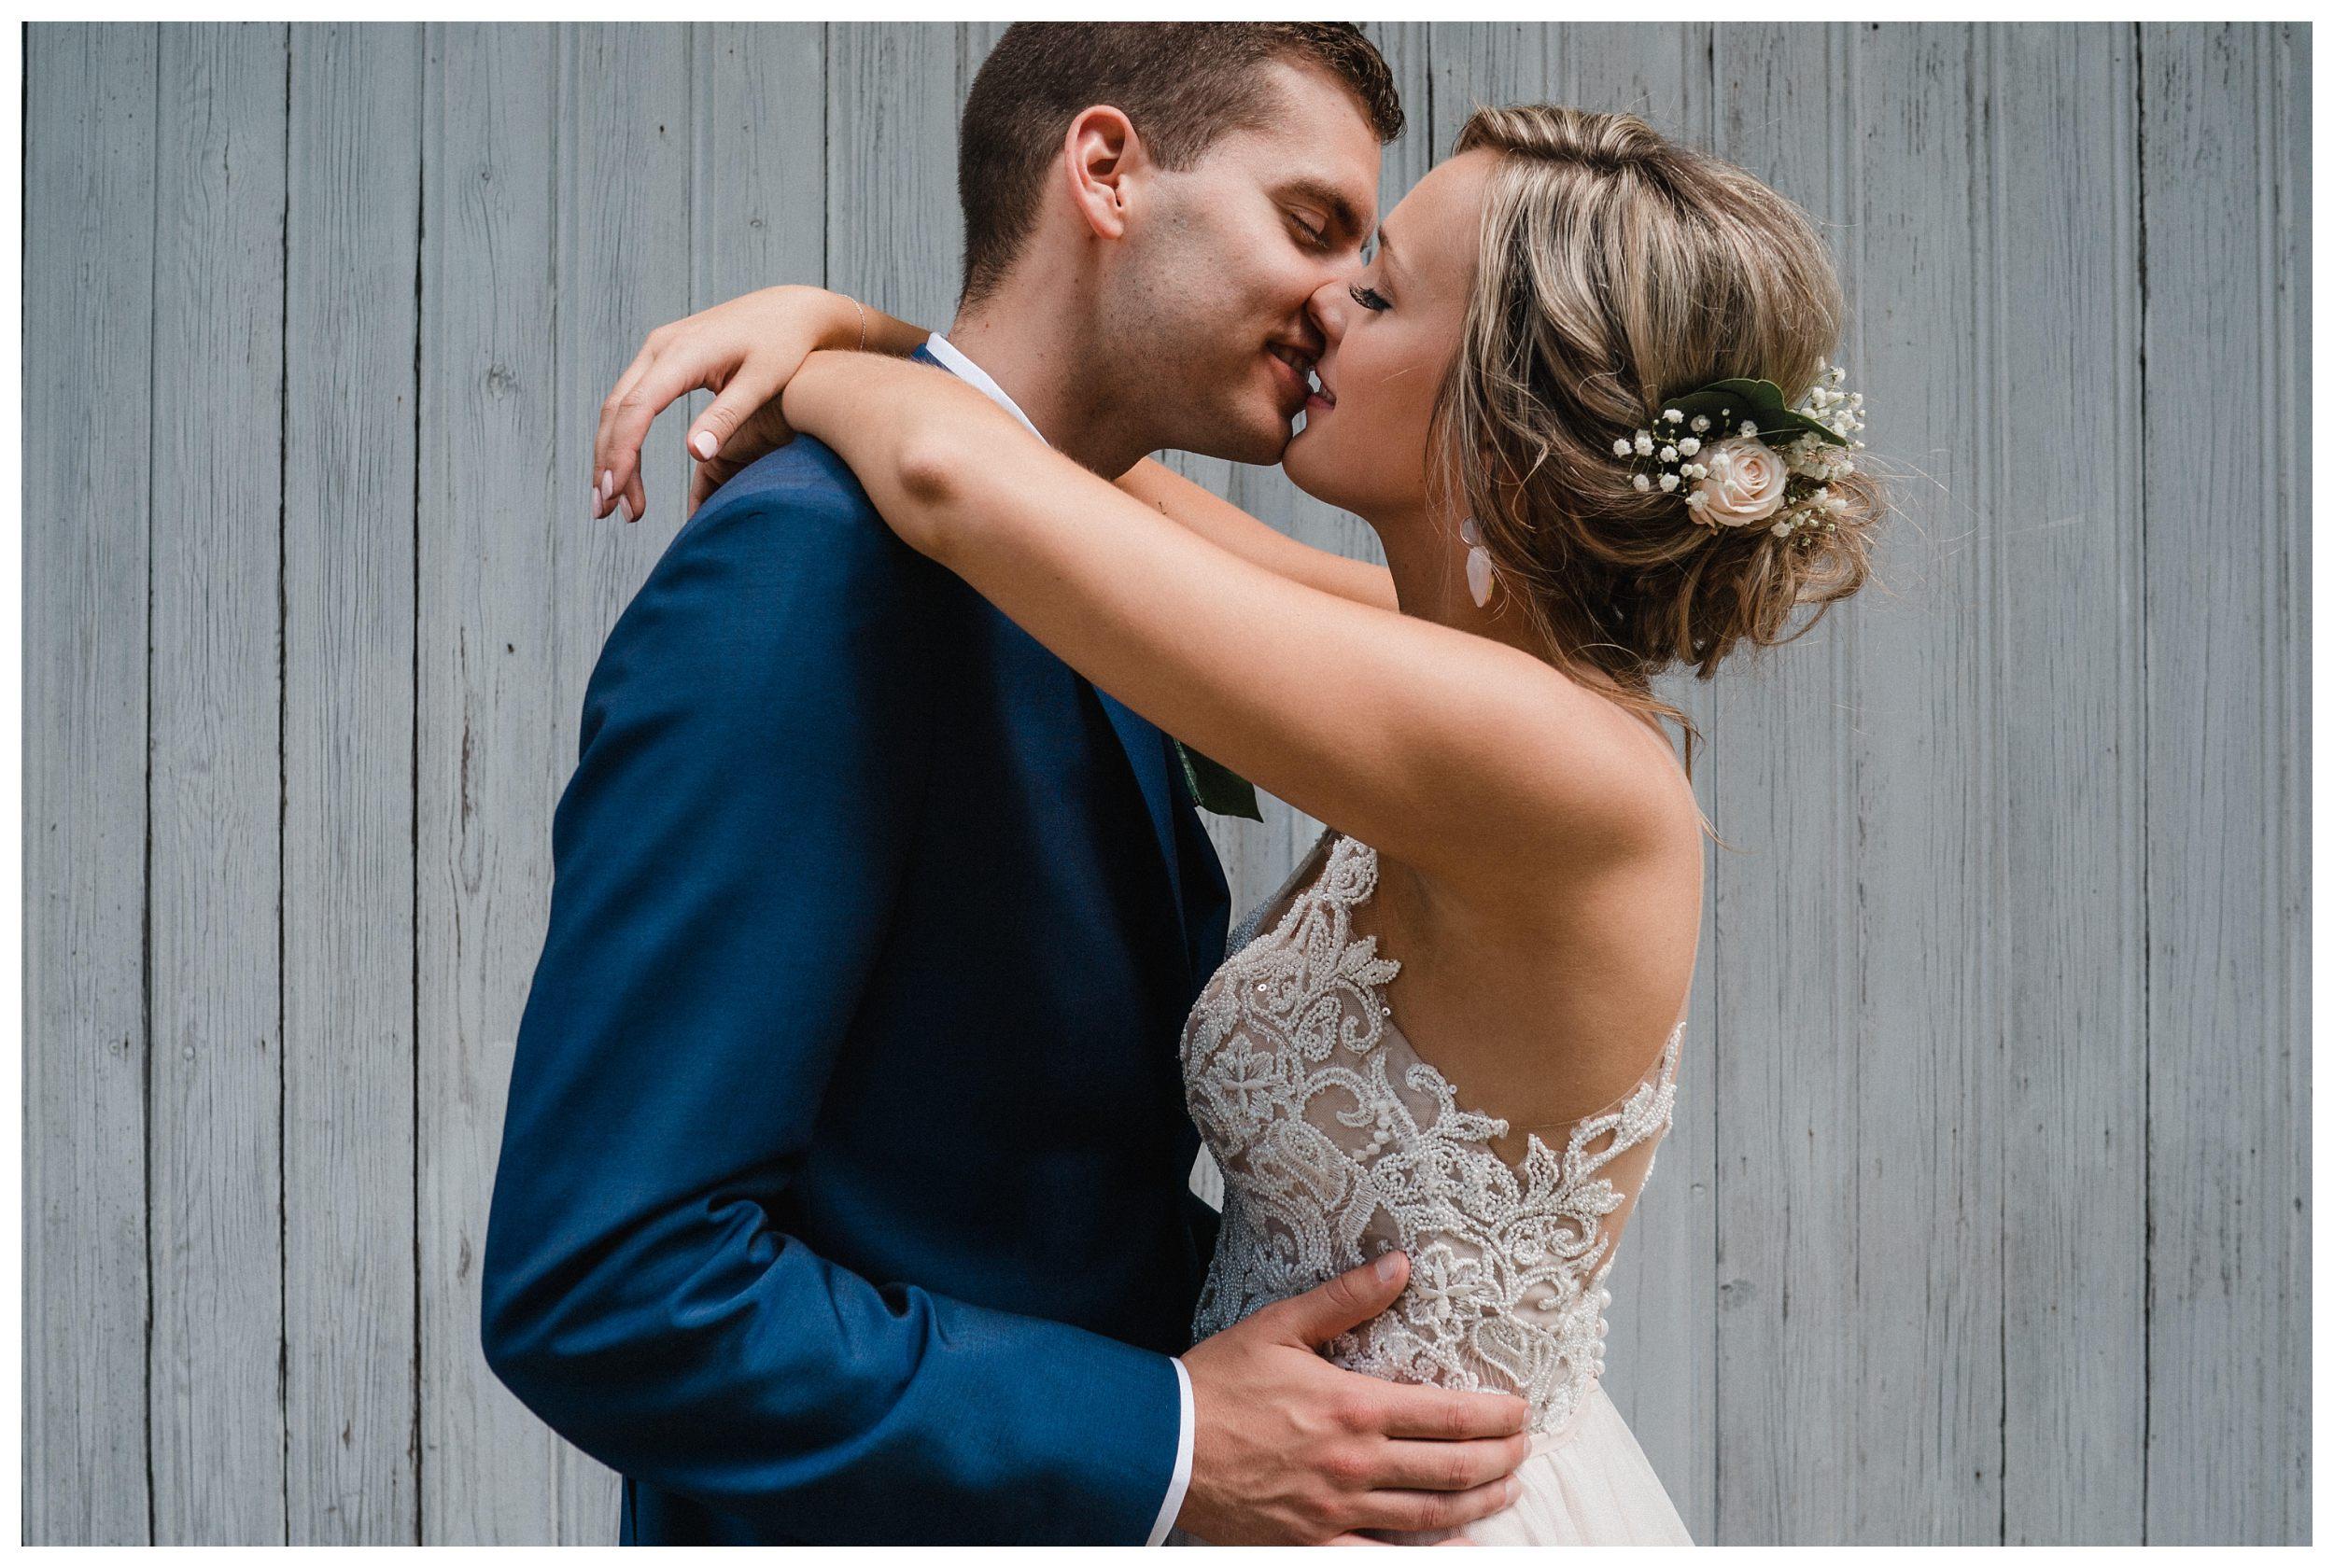 huwelijksfotograaf bruidsfotograaf destinationwedding huwelijksfotografie in mol oostham (36).jpg